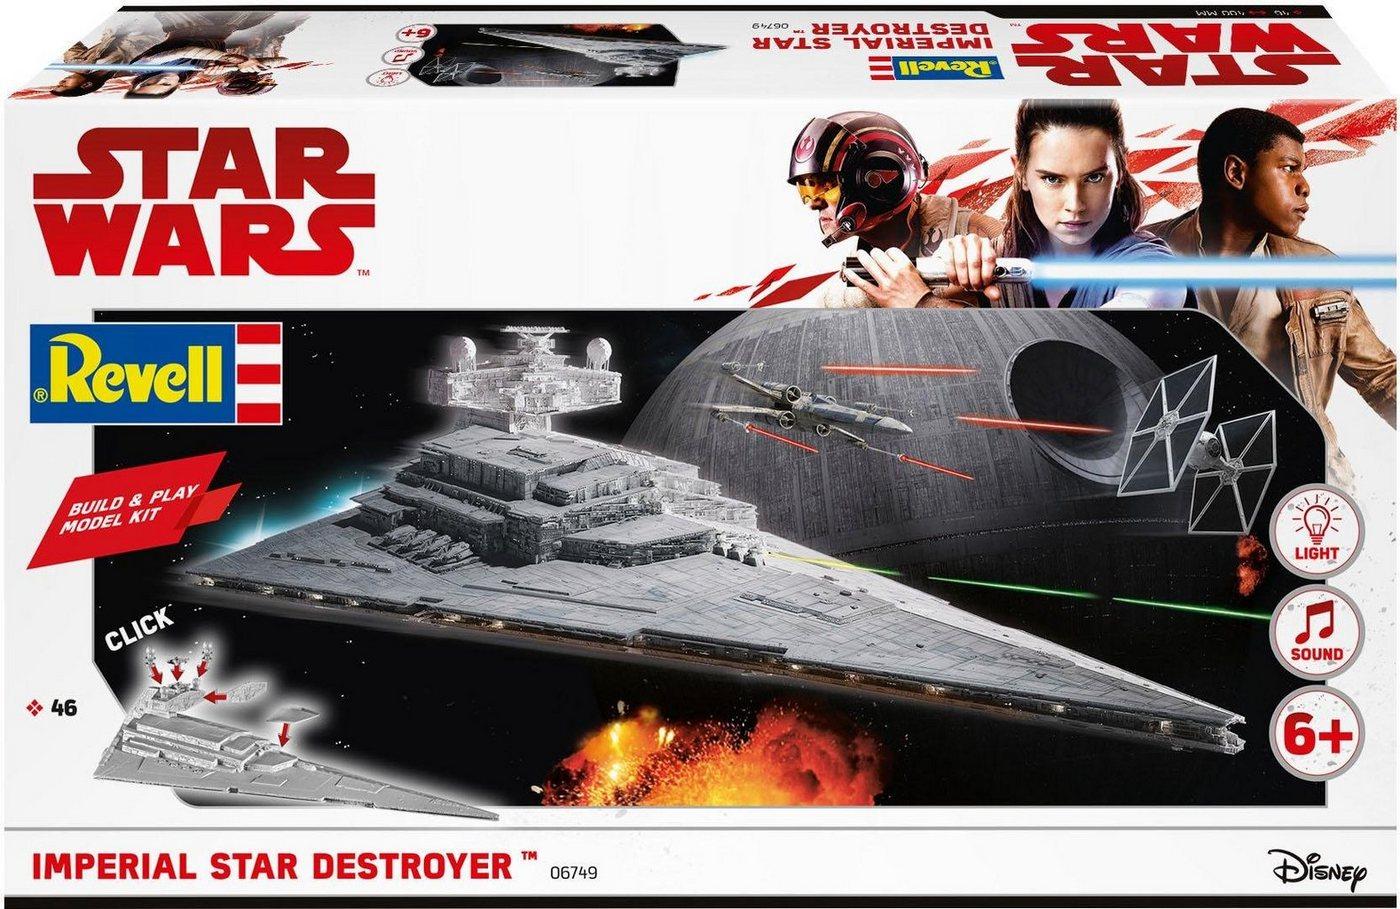 Revell Modellbausatz Raumschiff, 1:4000, »Build & Play-Disney Star Wars™ Imperial Star Destroyer™«